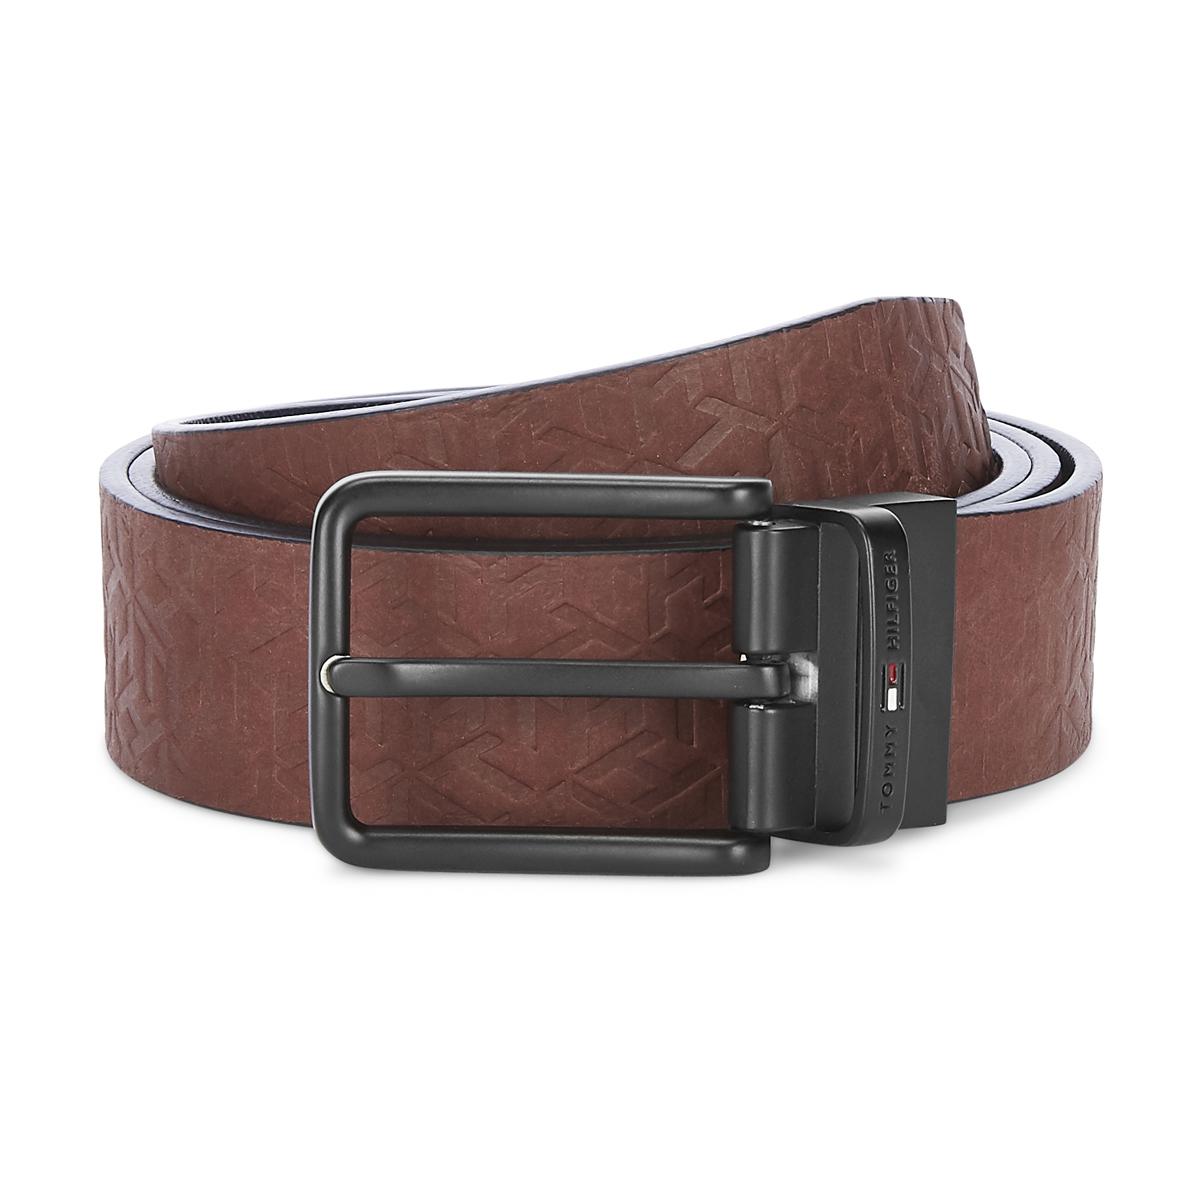 Tommy Hilfiger Leather Mens Solid Wine/Navy Desert Reversible Belt